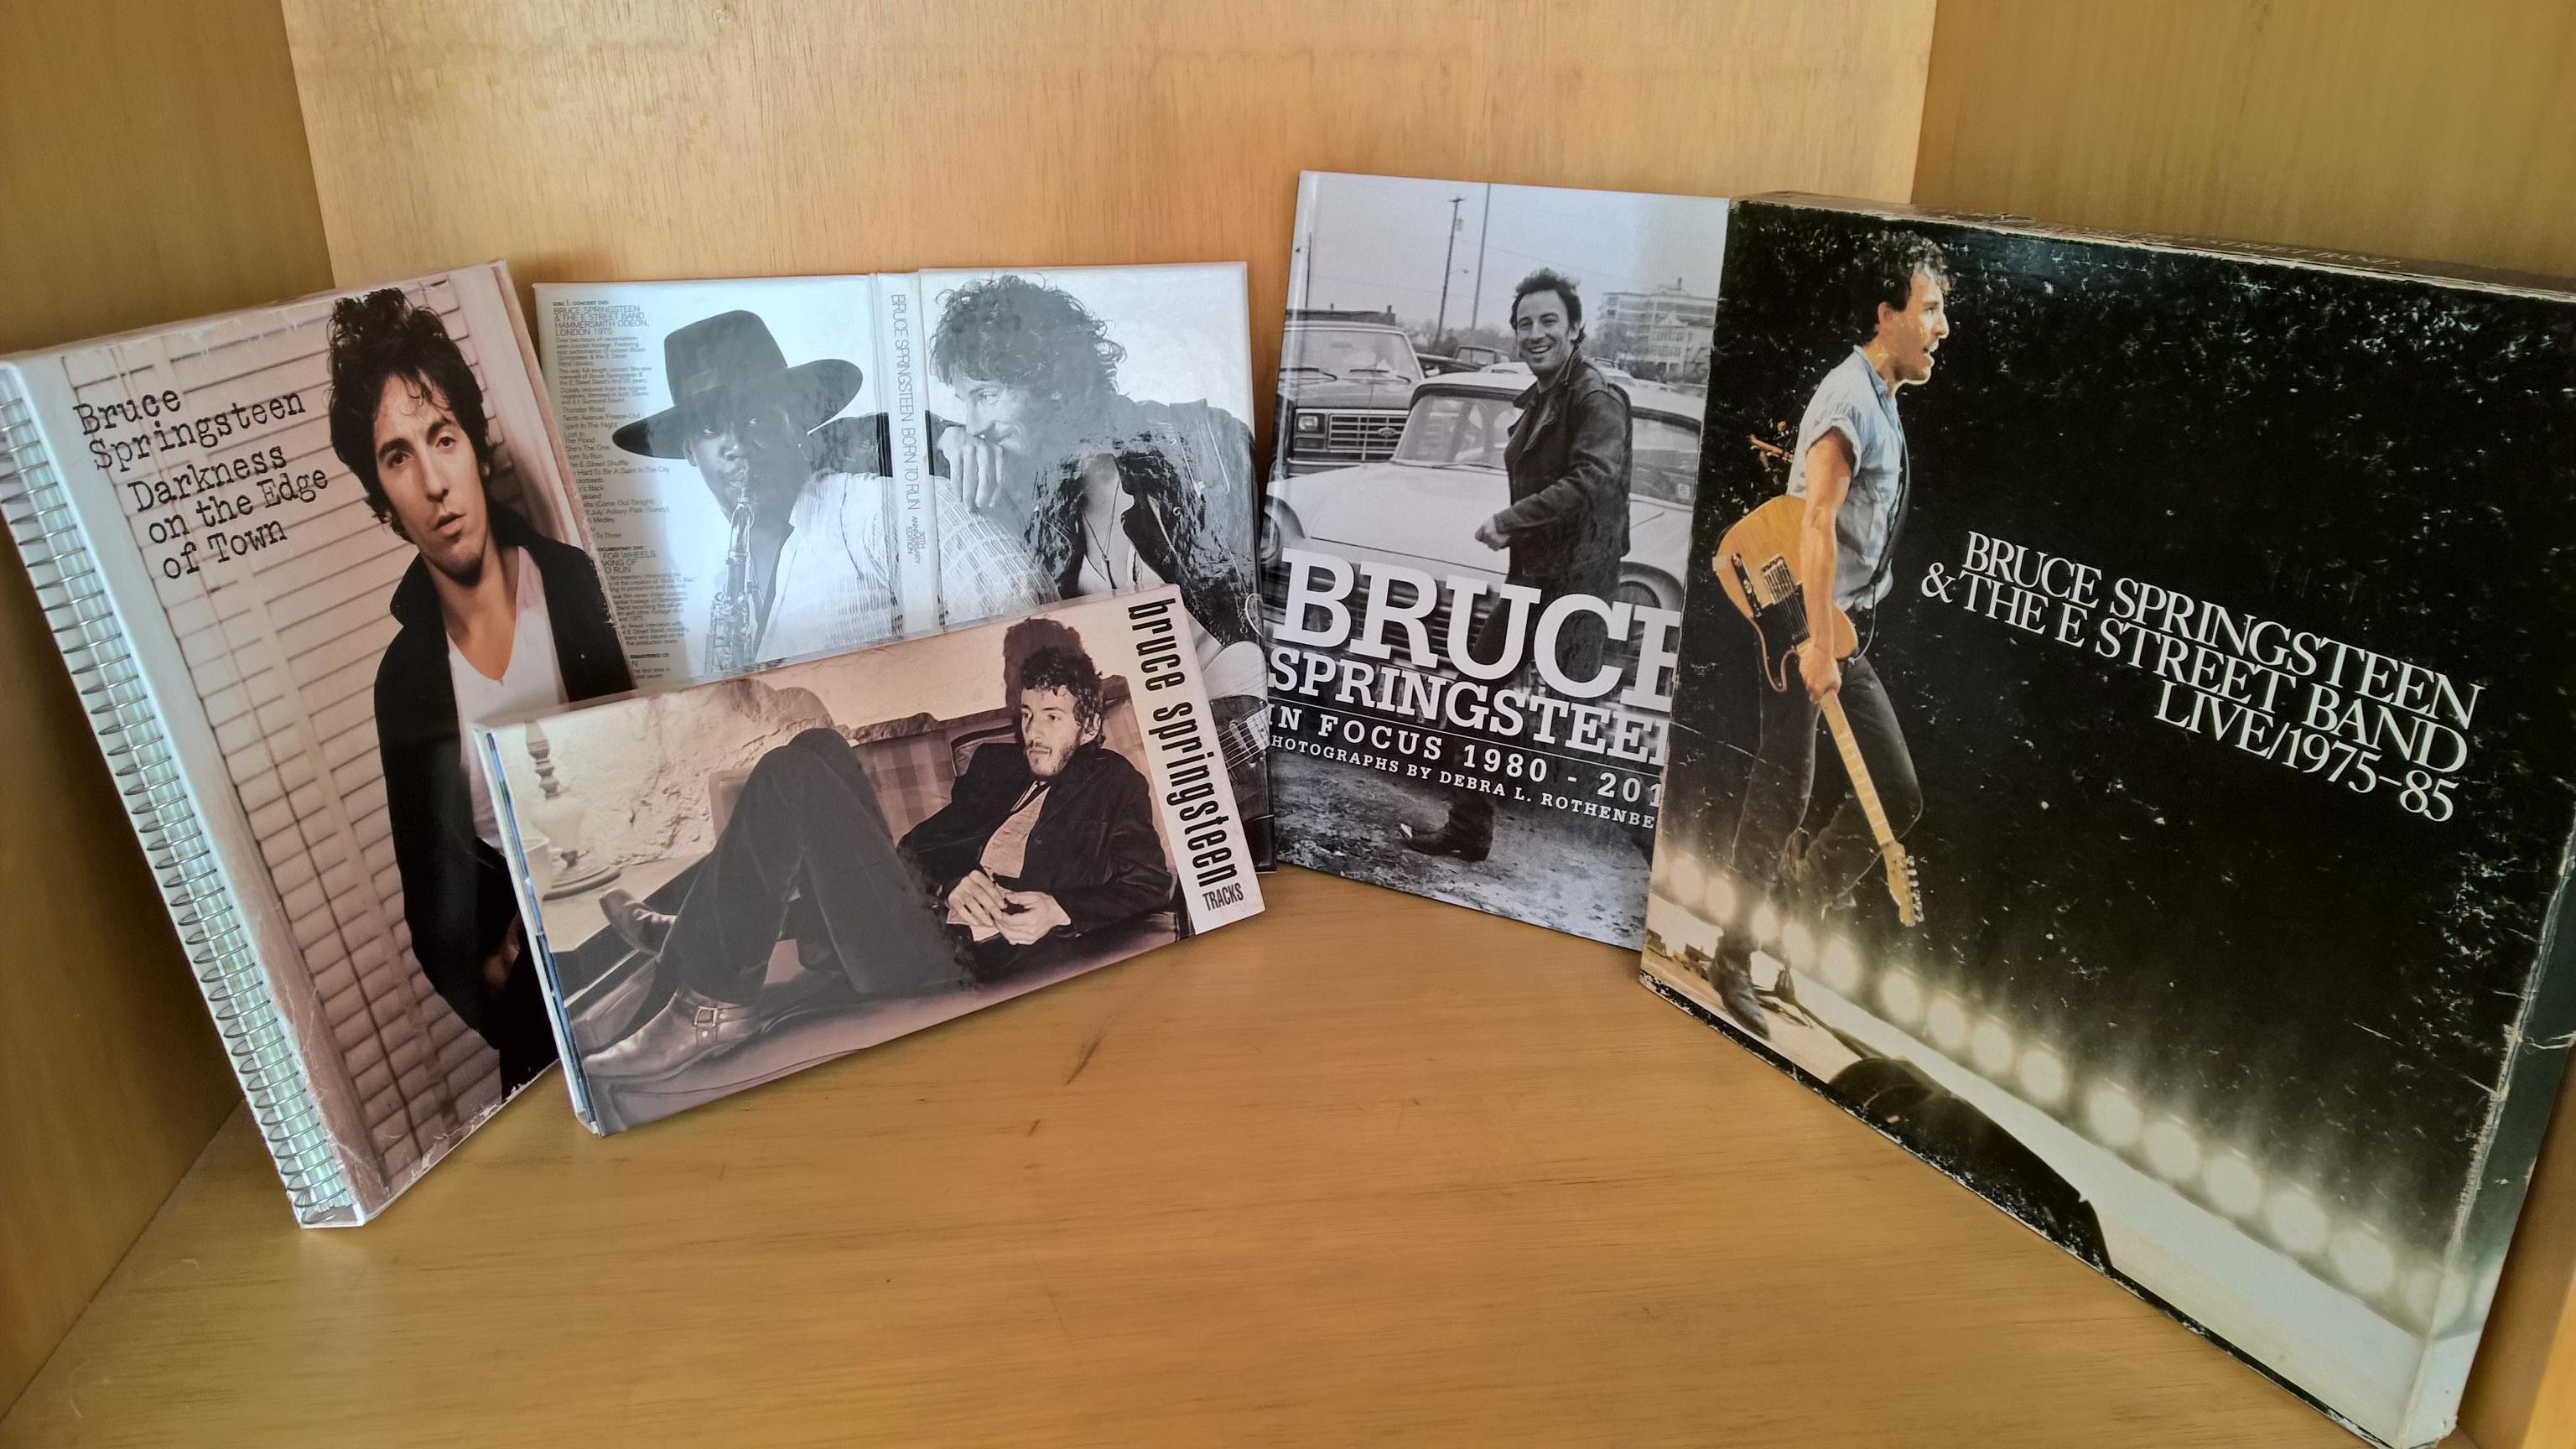 Alguns itens especiais do Bruce Springsteen. Boxes e um livro